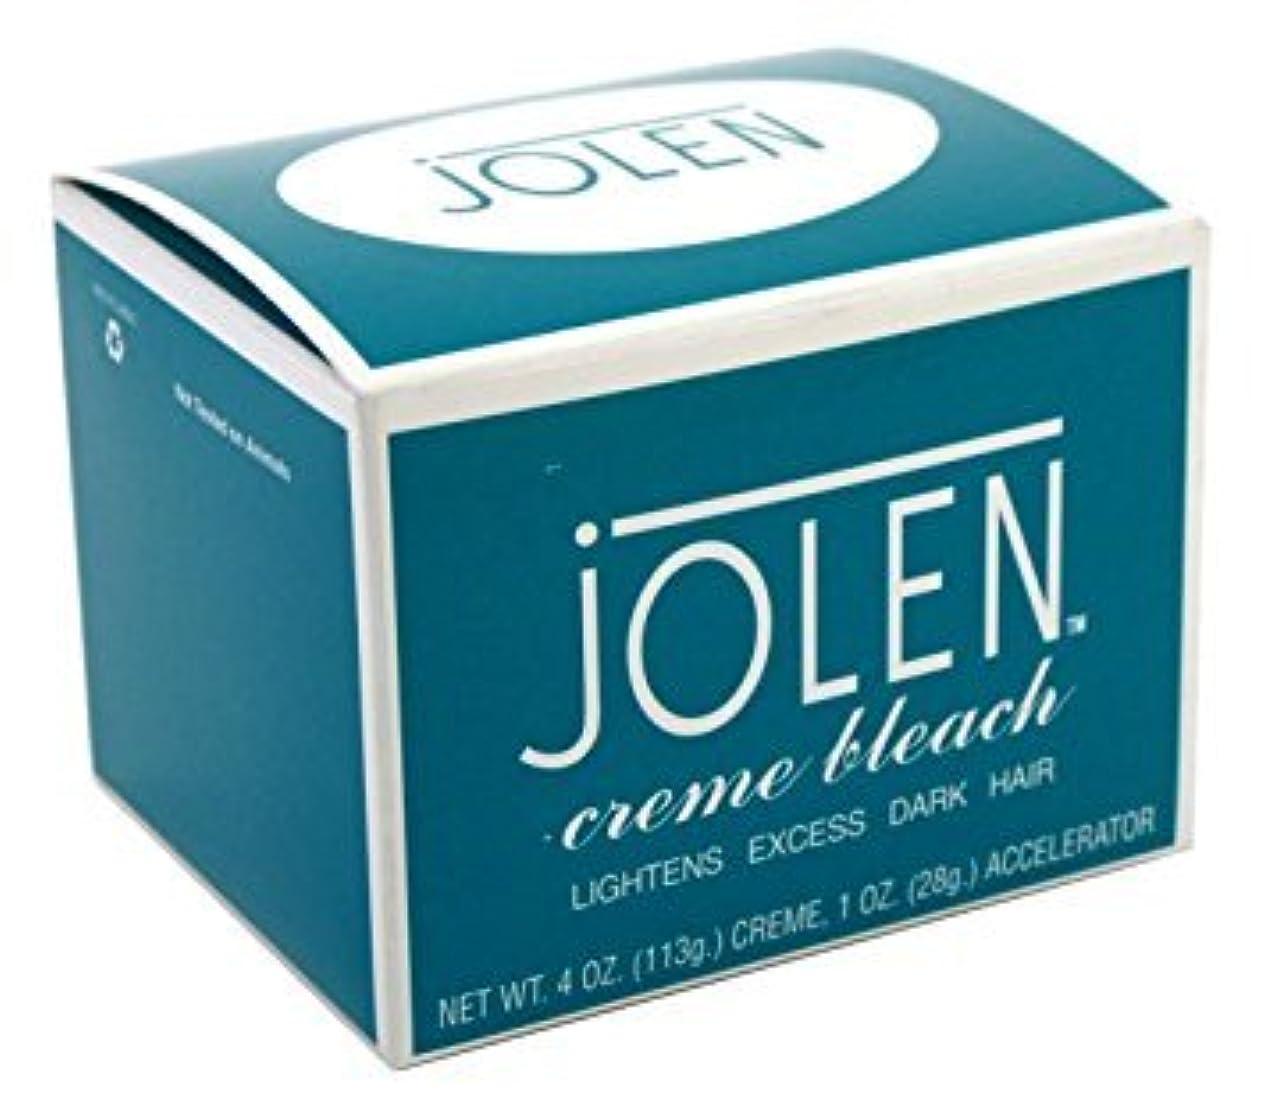 セットアップ改善するピンチ箱つぶれ Jolen ジョレン 眉用ブリーチクリーム  レギュラー 大きなサイズ 4オンス [並行輸入品]